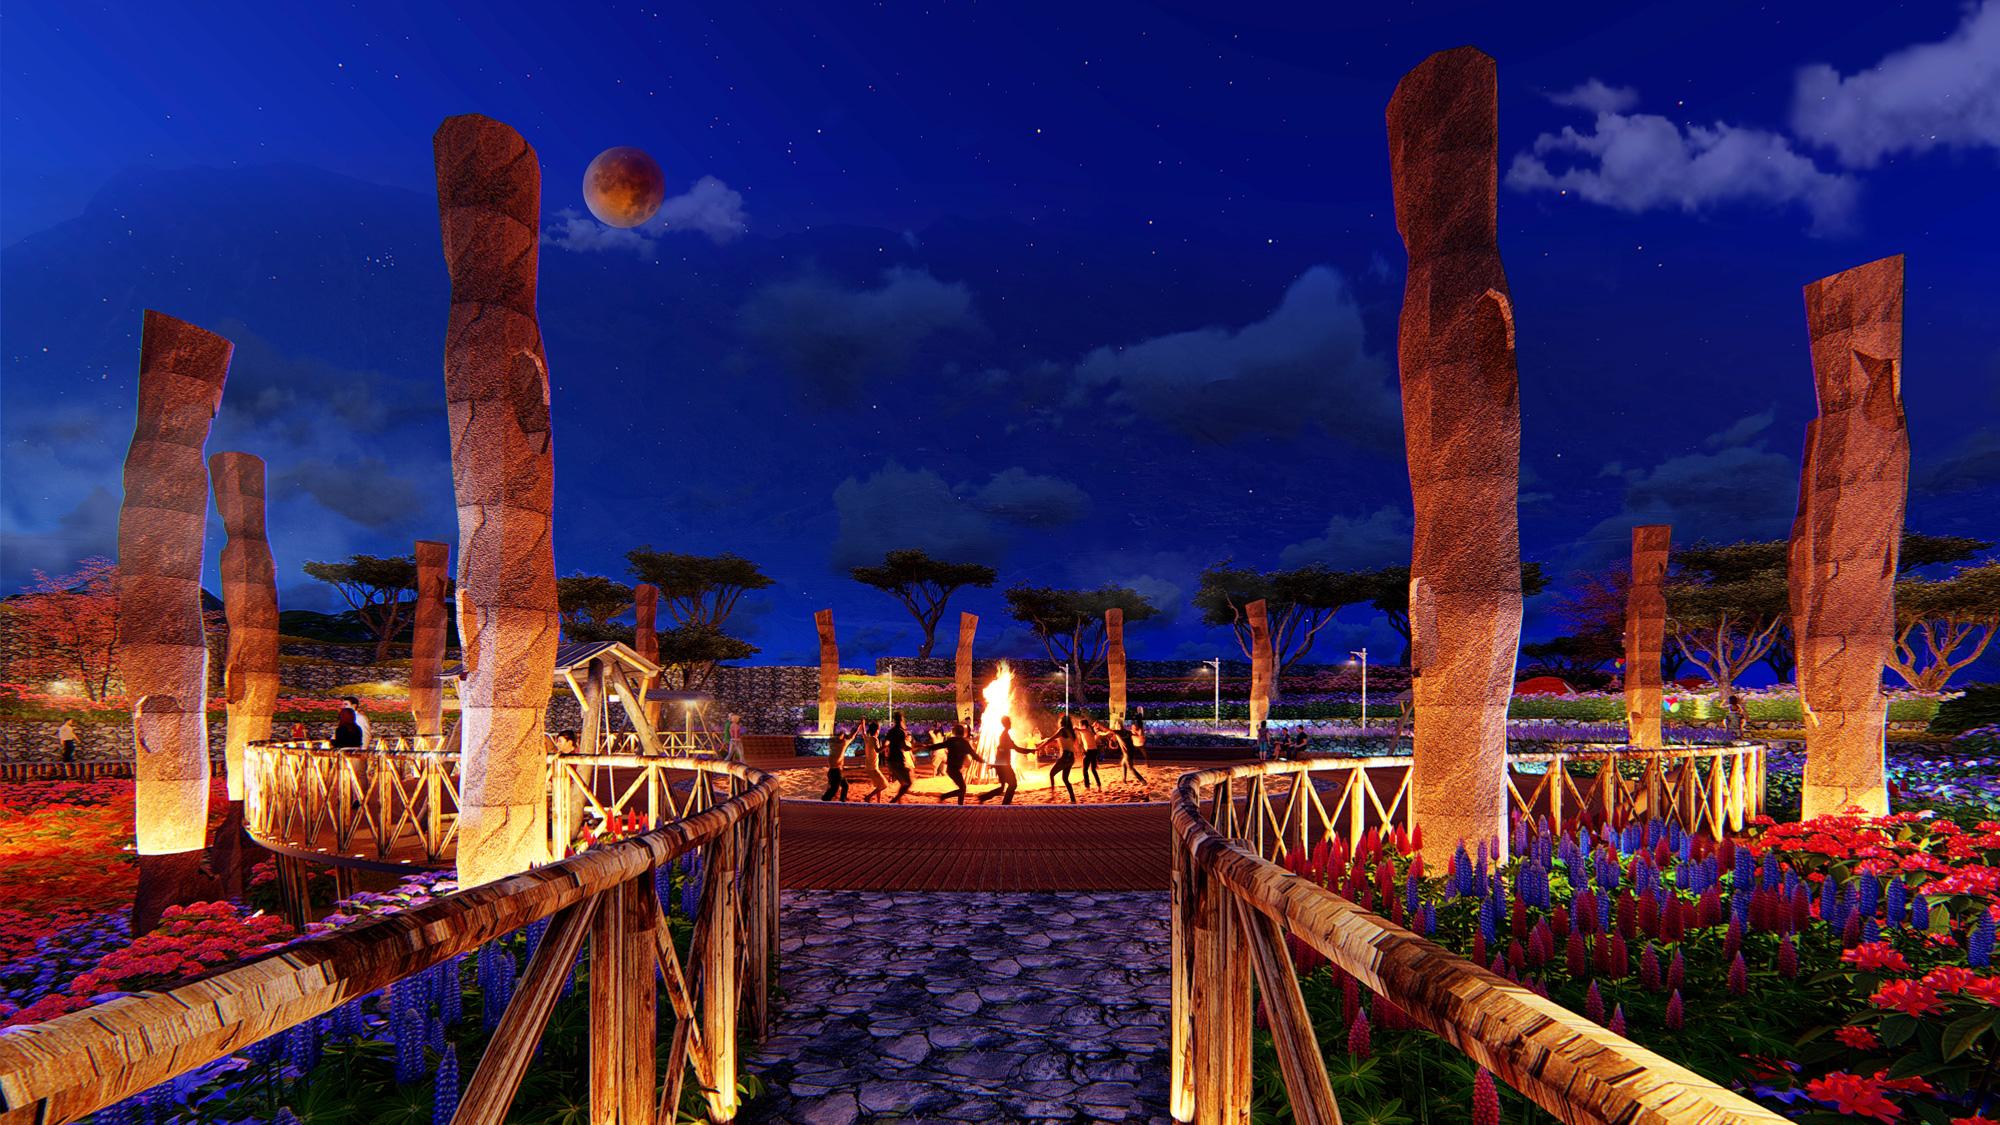 Phối cảnh thiết kế khu du lịch nghỉ dưỡng Sapa Mường Hoa